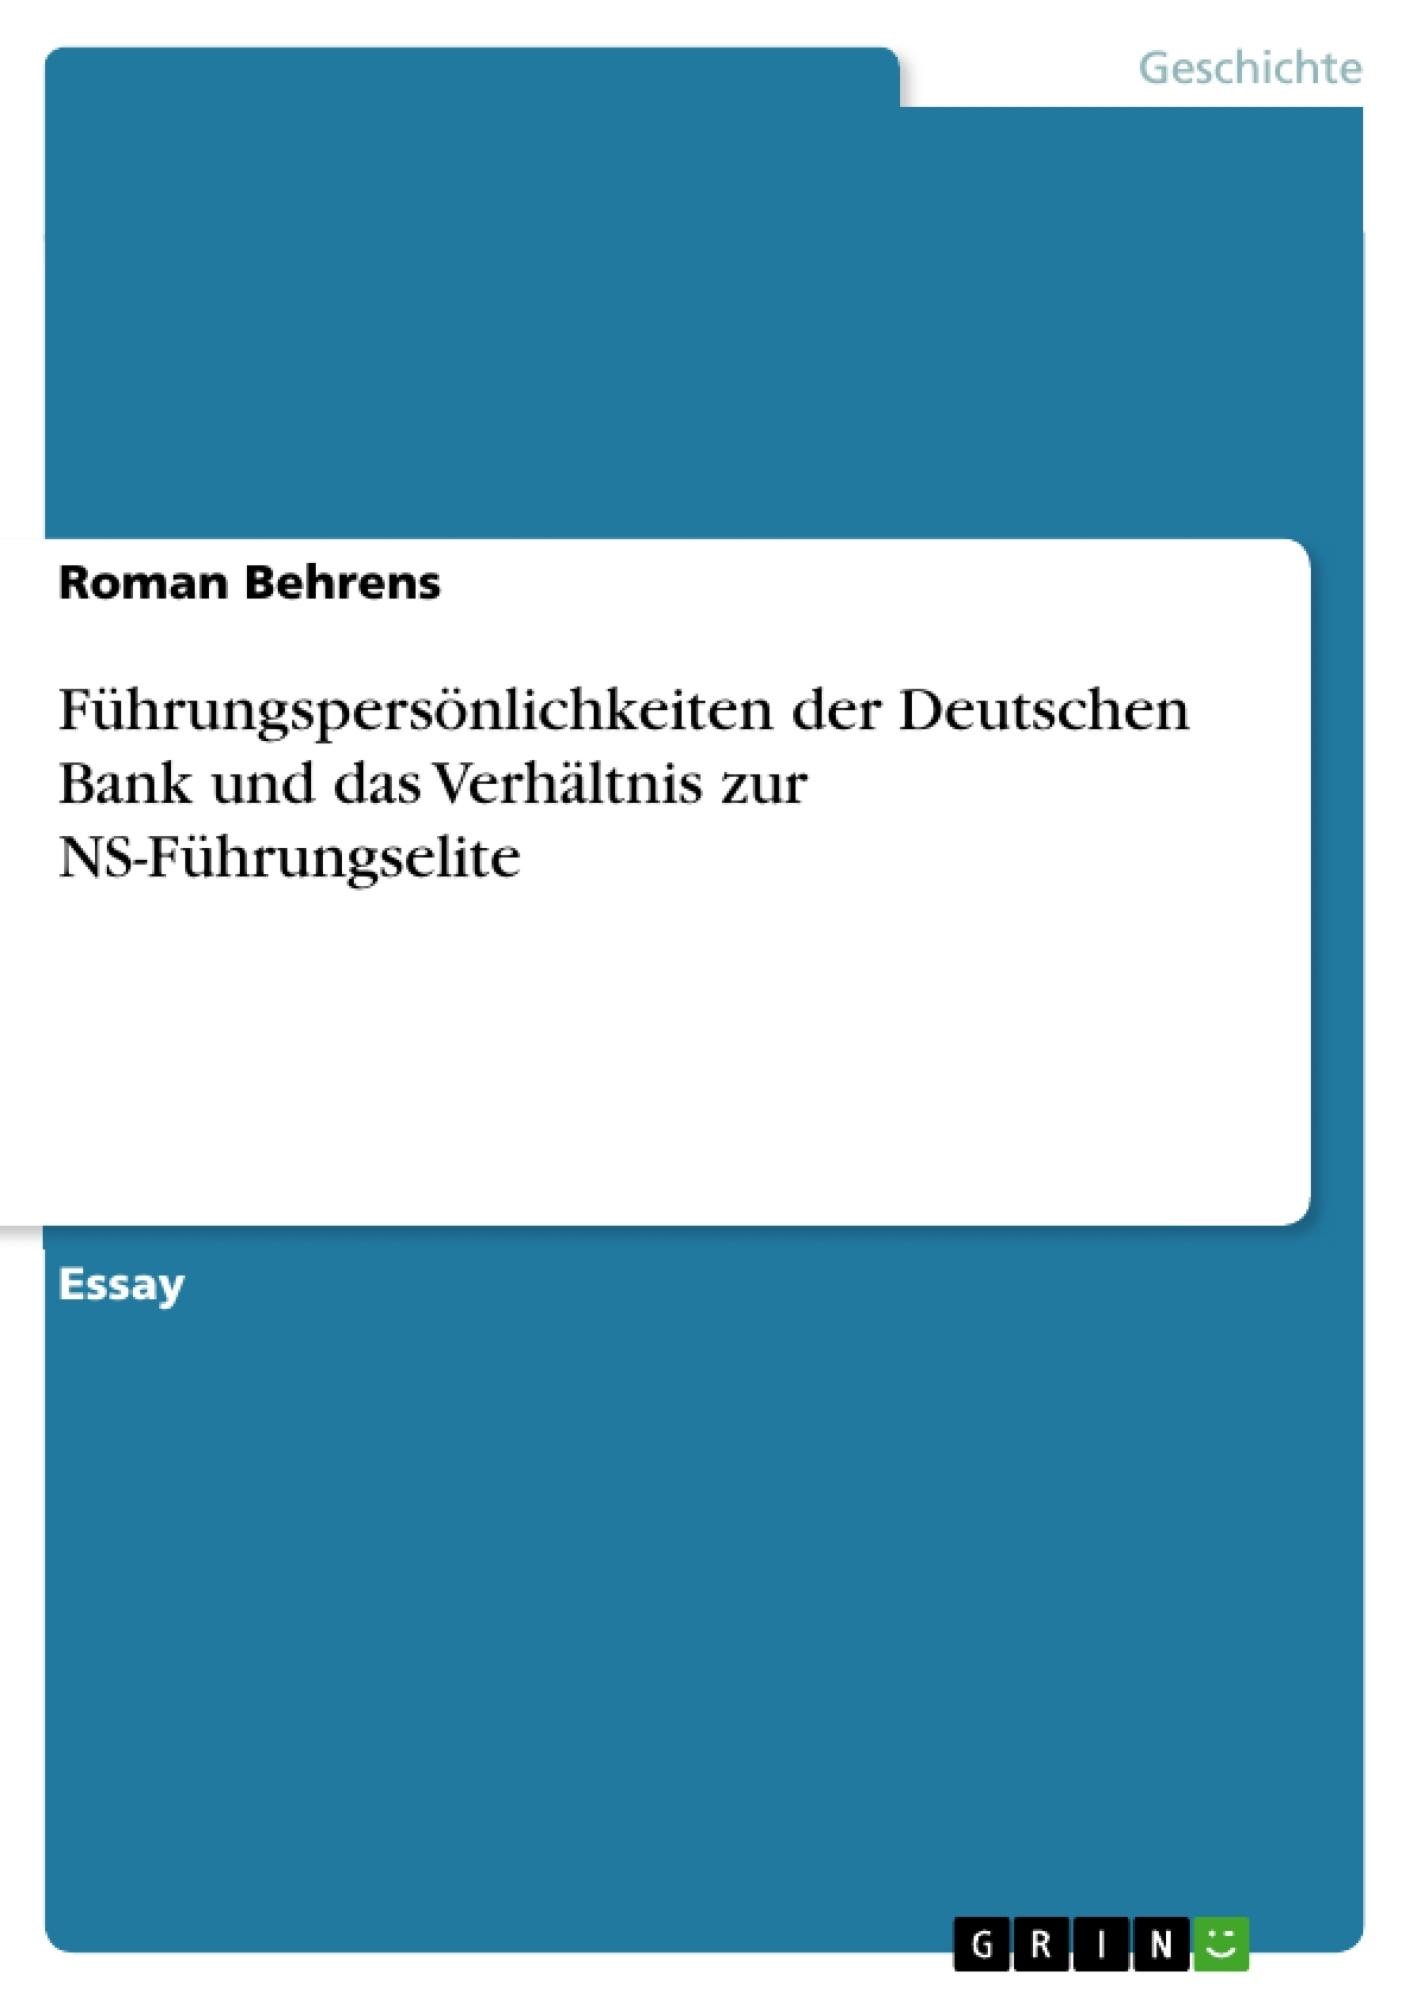 Titel: Führungspersönlichkeiten der Deutschen Bank und das Verhältnis zur NS-Führungselite